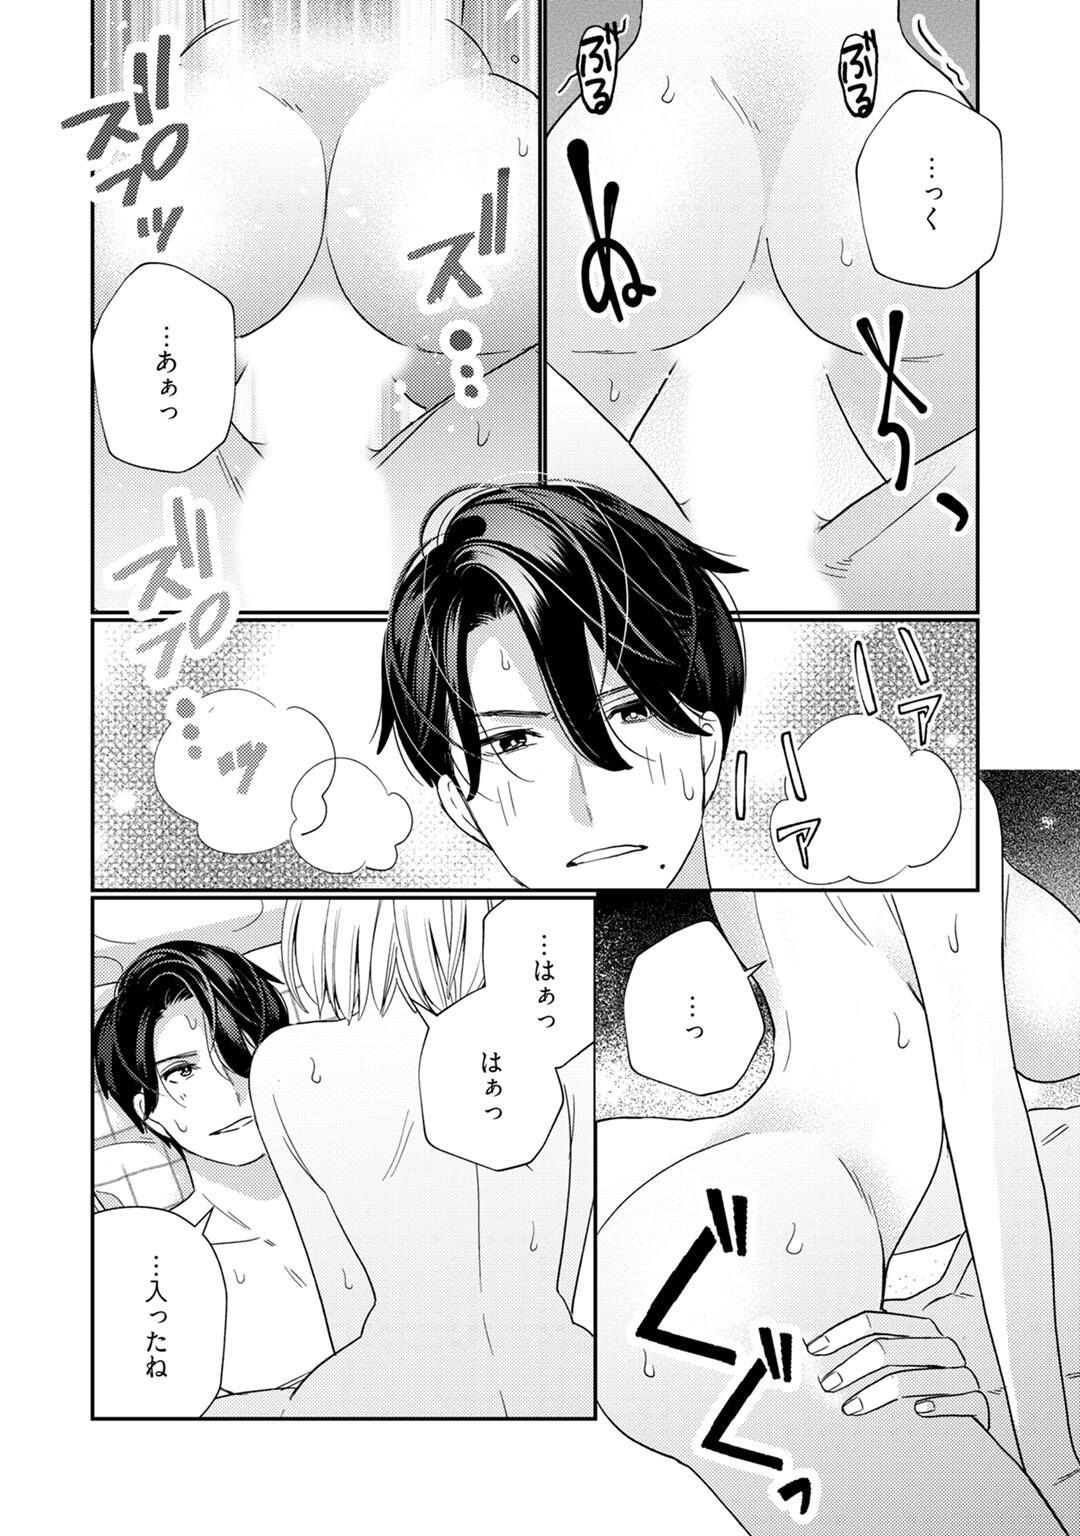 [Okonogi Happa] Kyonyuu-chan to Kyokon Joushi -Kaisha de Musabori Sex- act. 7 25